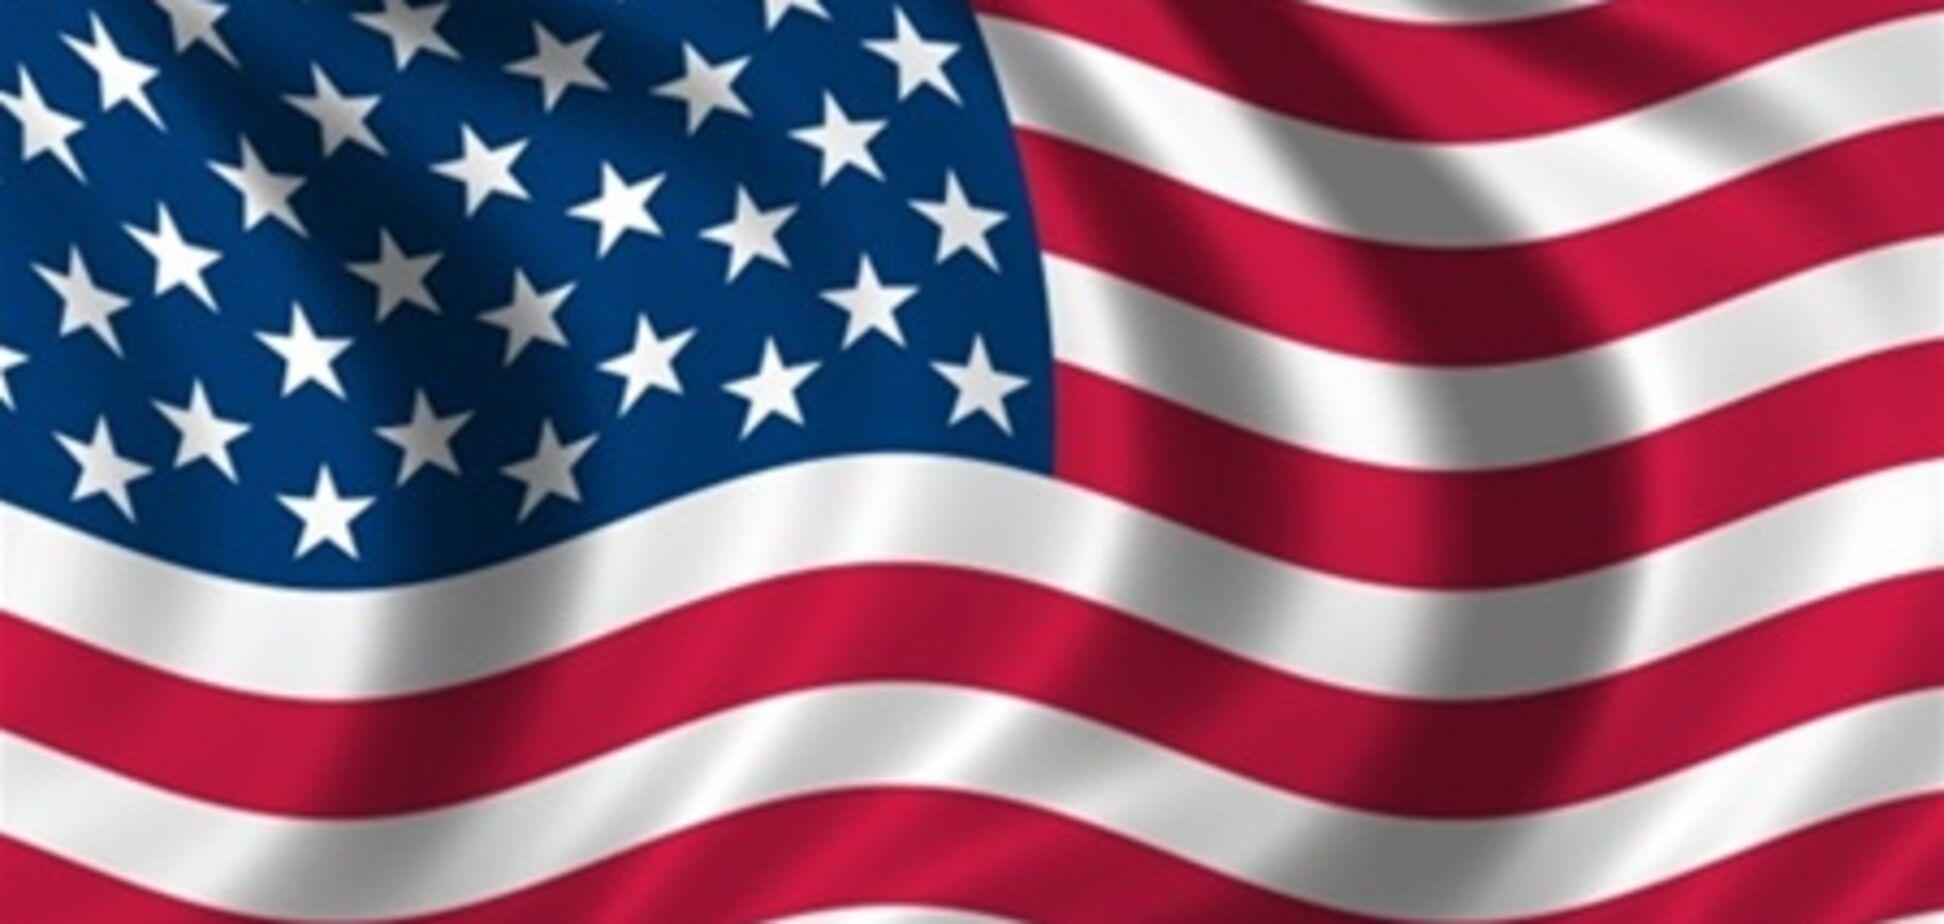 США помилково депортували втік з дому підлітка